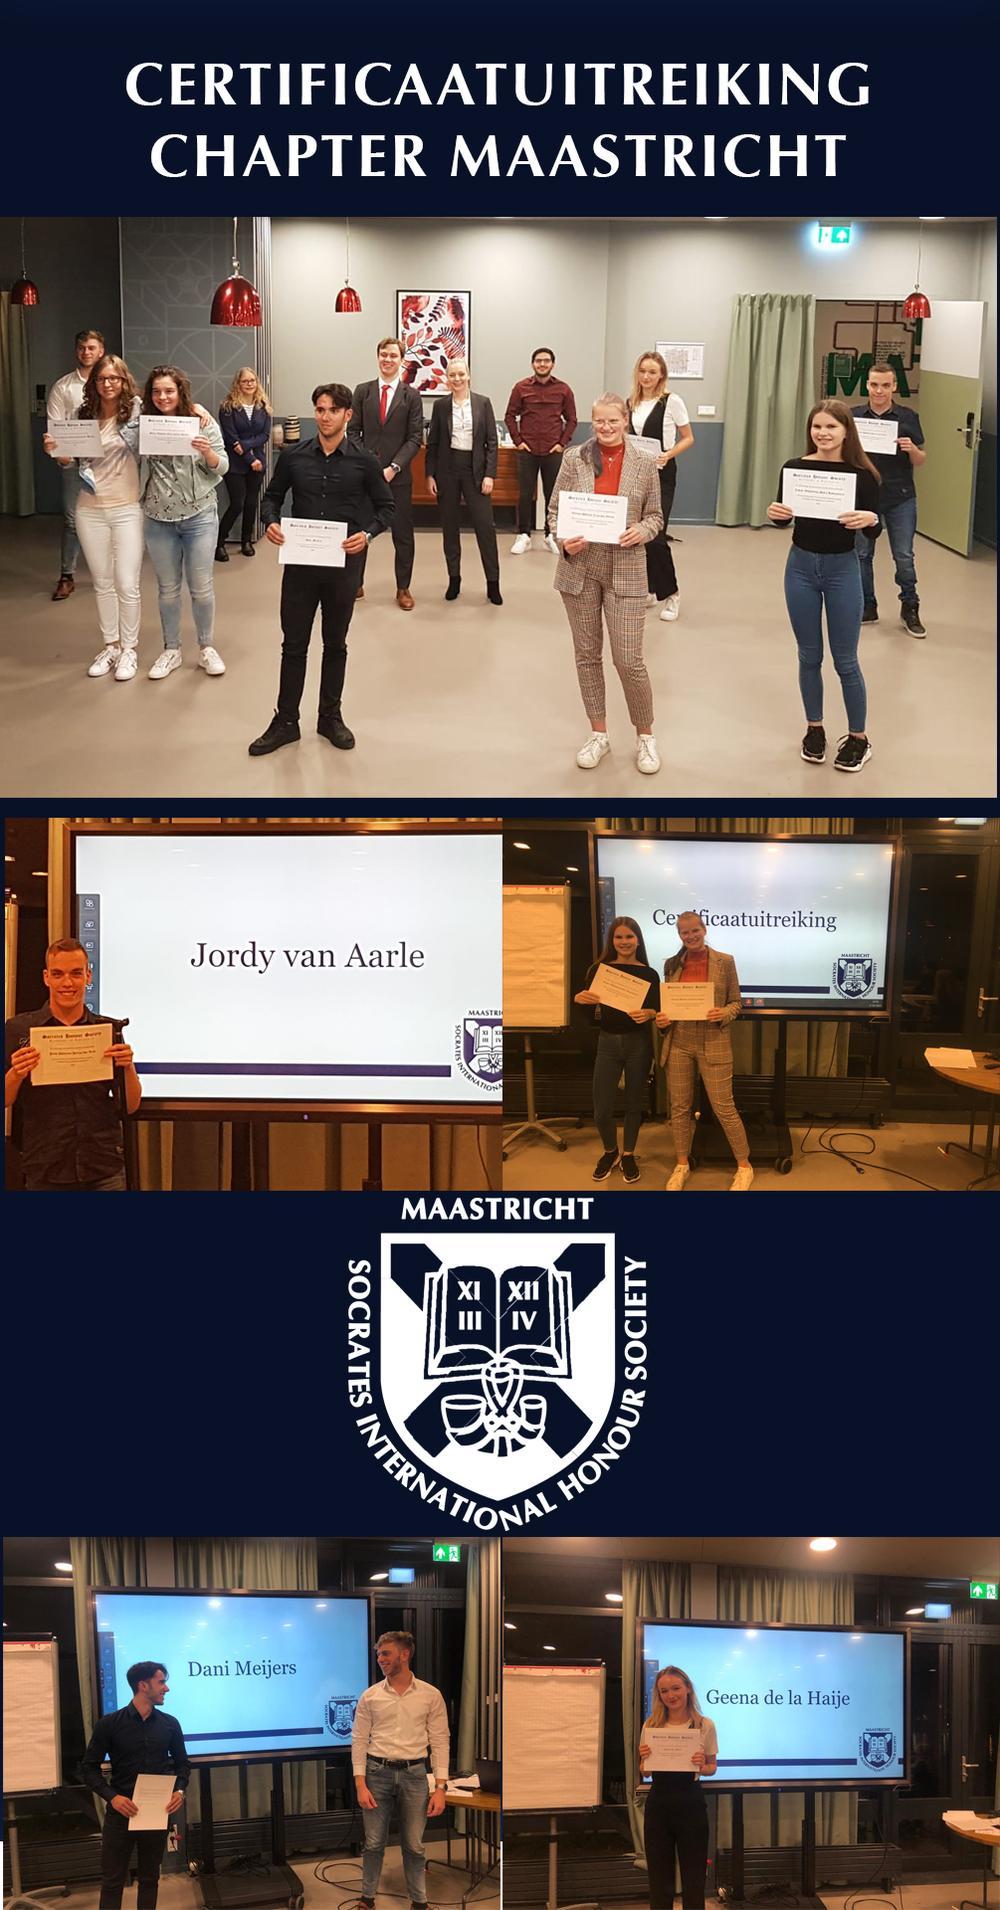 Certificaatuitreiking Chapter Maastricht